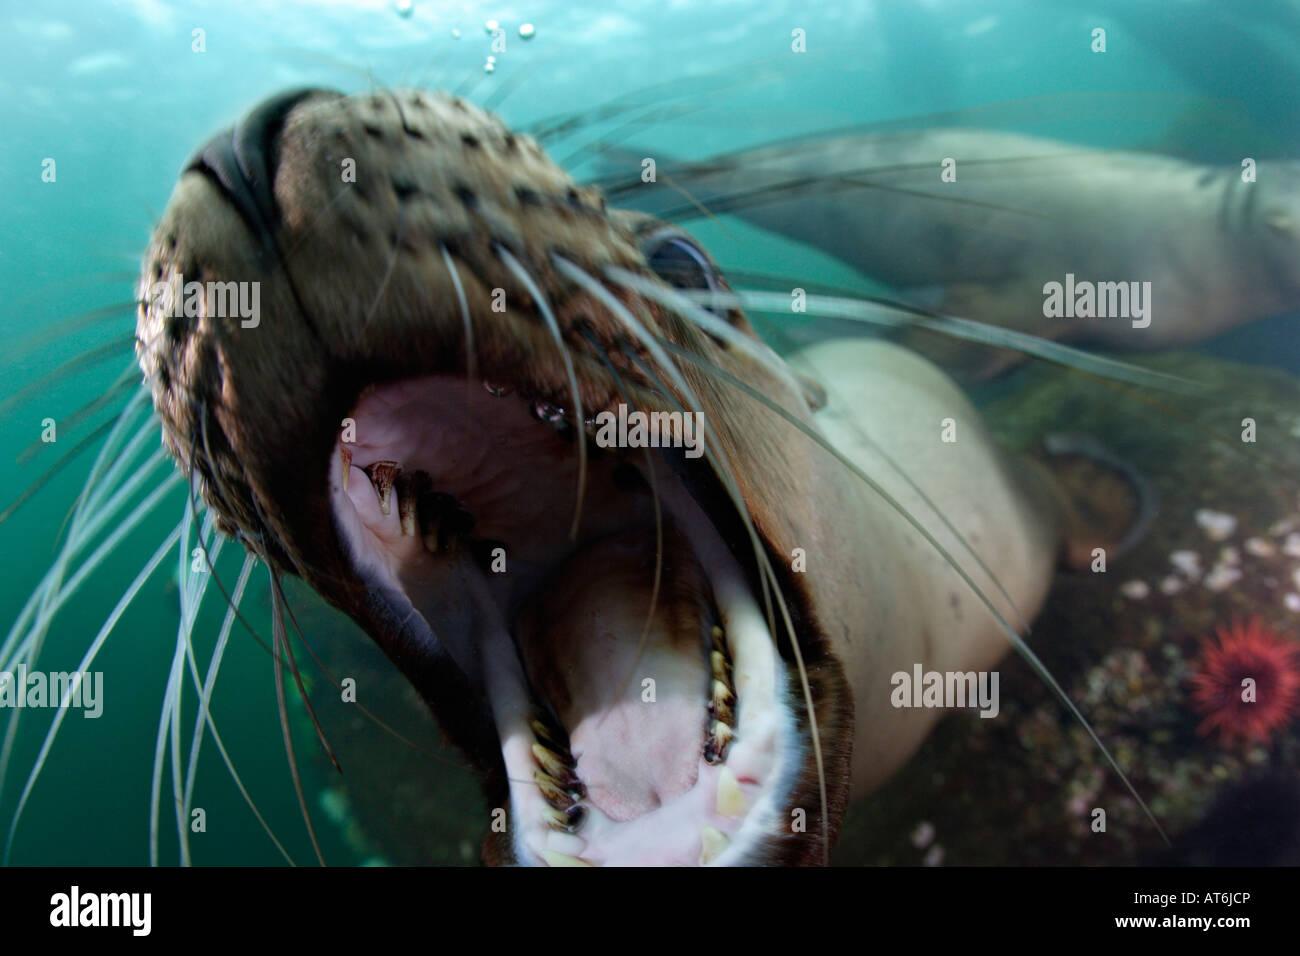 Nx0181-D. Steller leones, Eumetopias jubatus. Juguetones lobos marinos abre la boca delante de la cámara. Foto Imagen De Stock